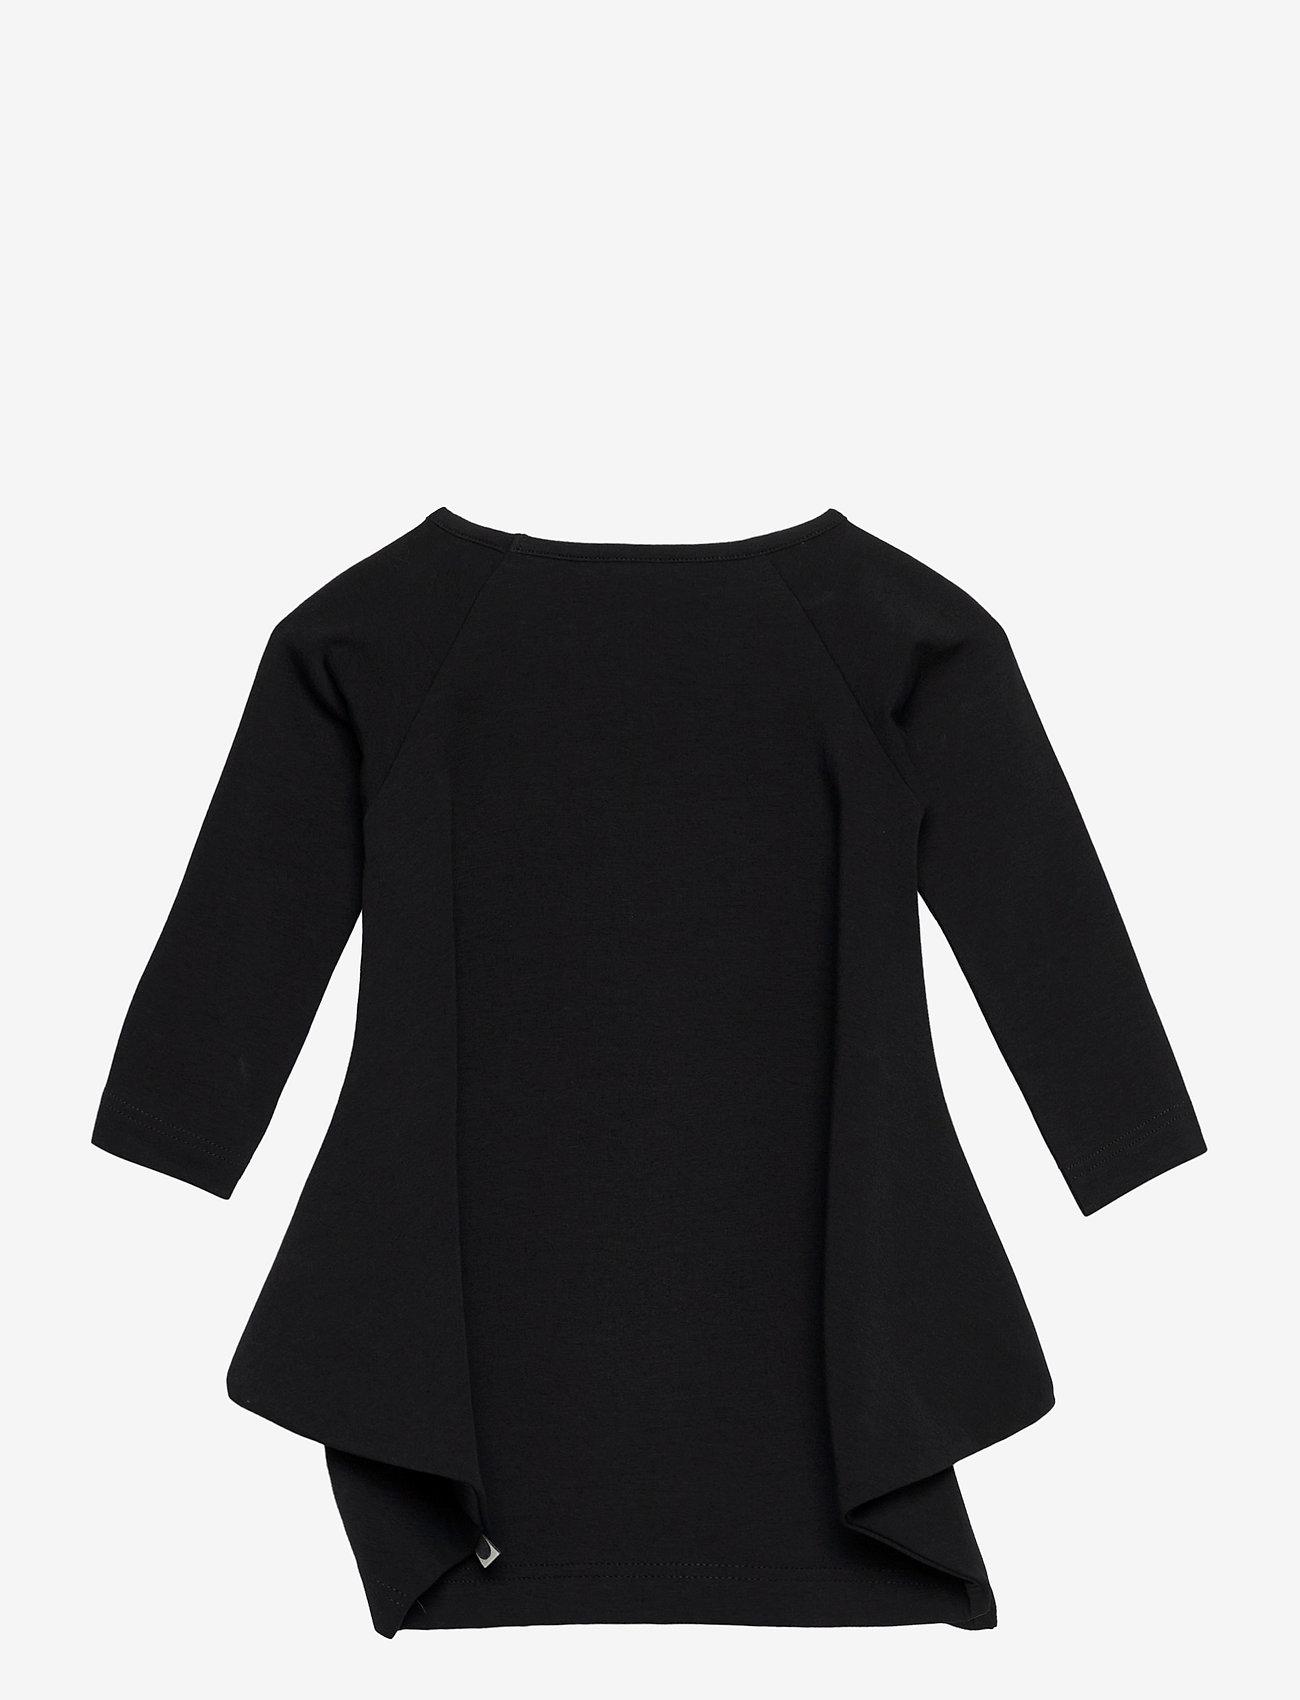 Papu - KANTO DRESS KID - kleider - black - 1